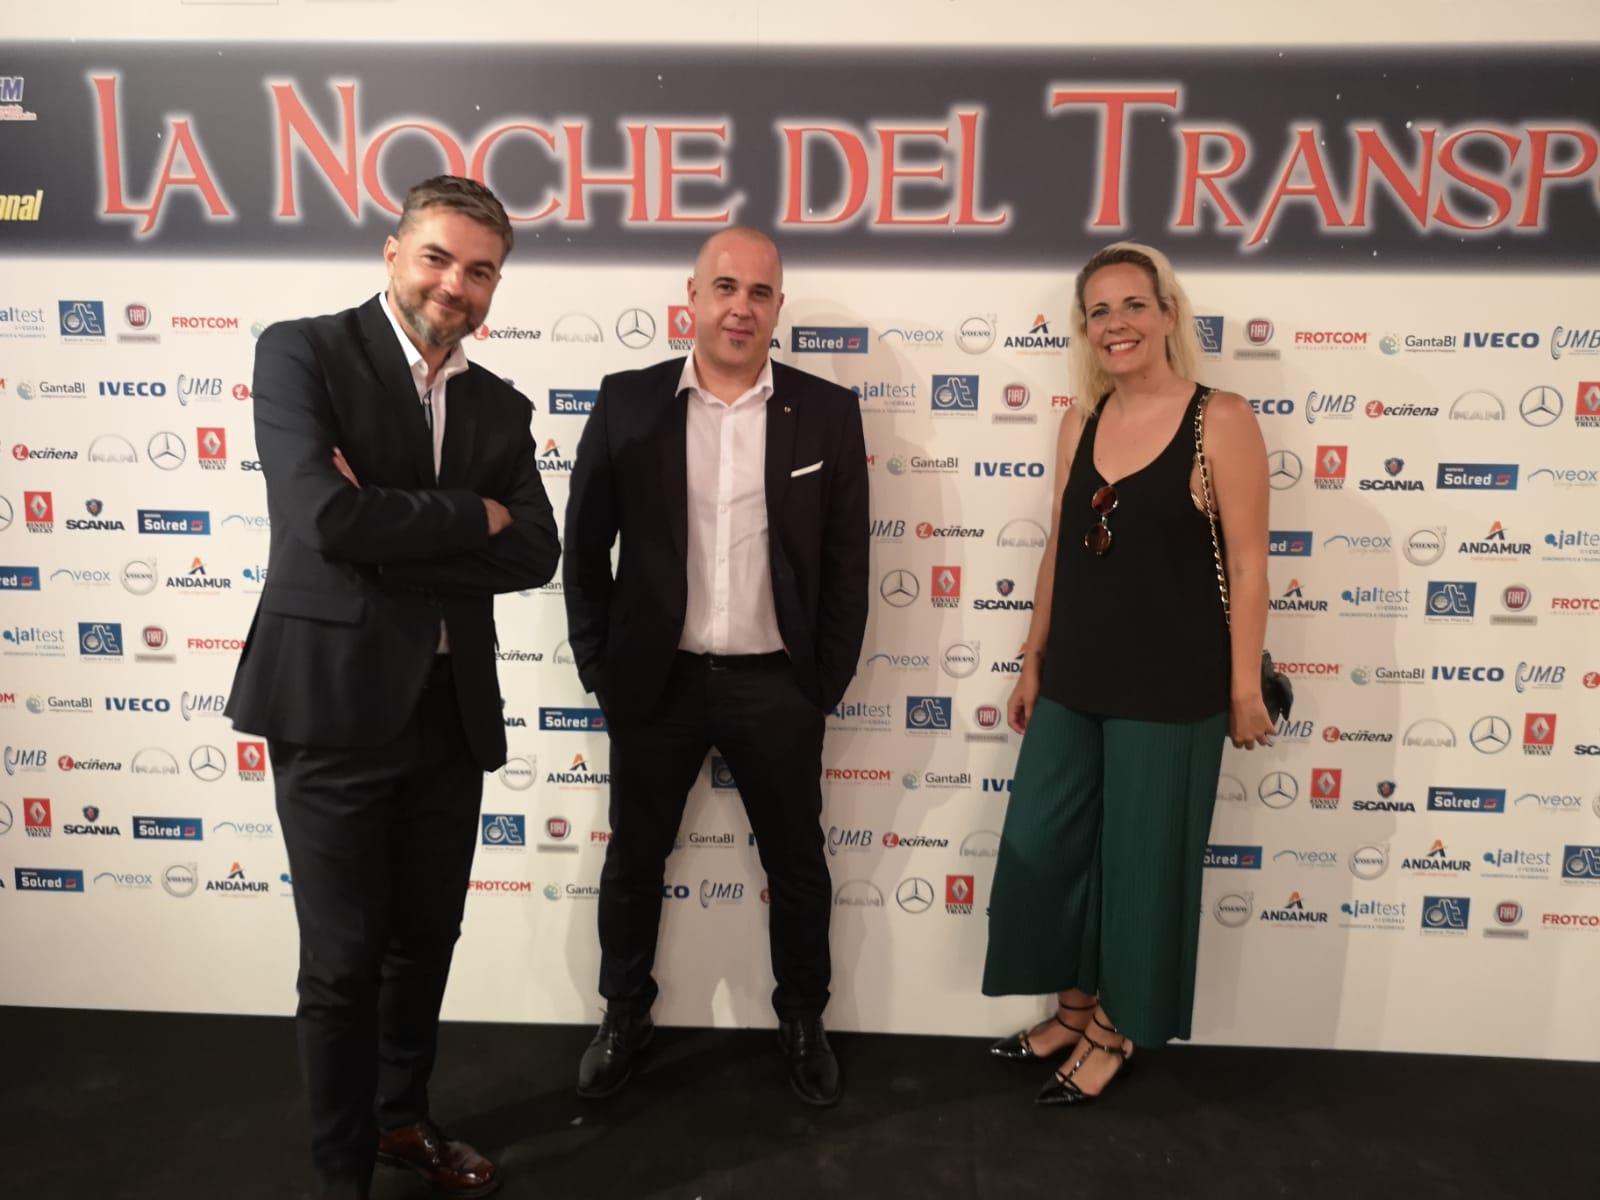 NOCHE DEL TRANSPORTE